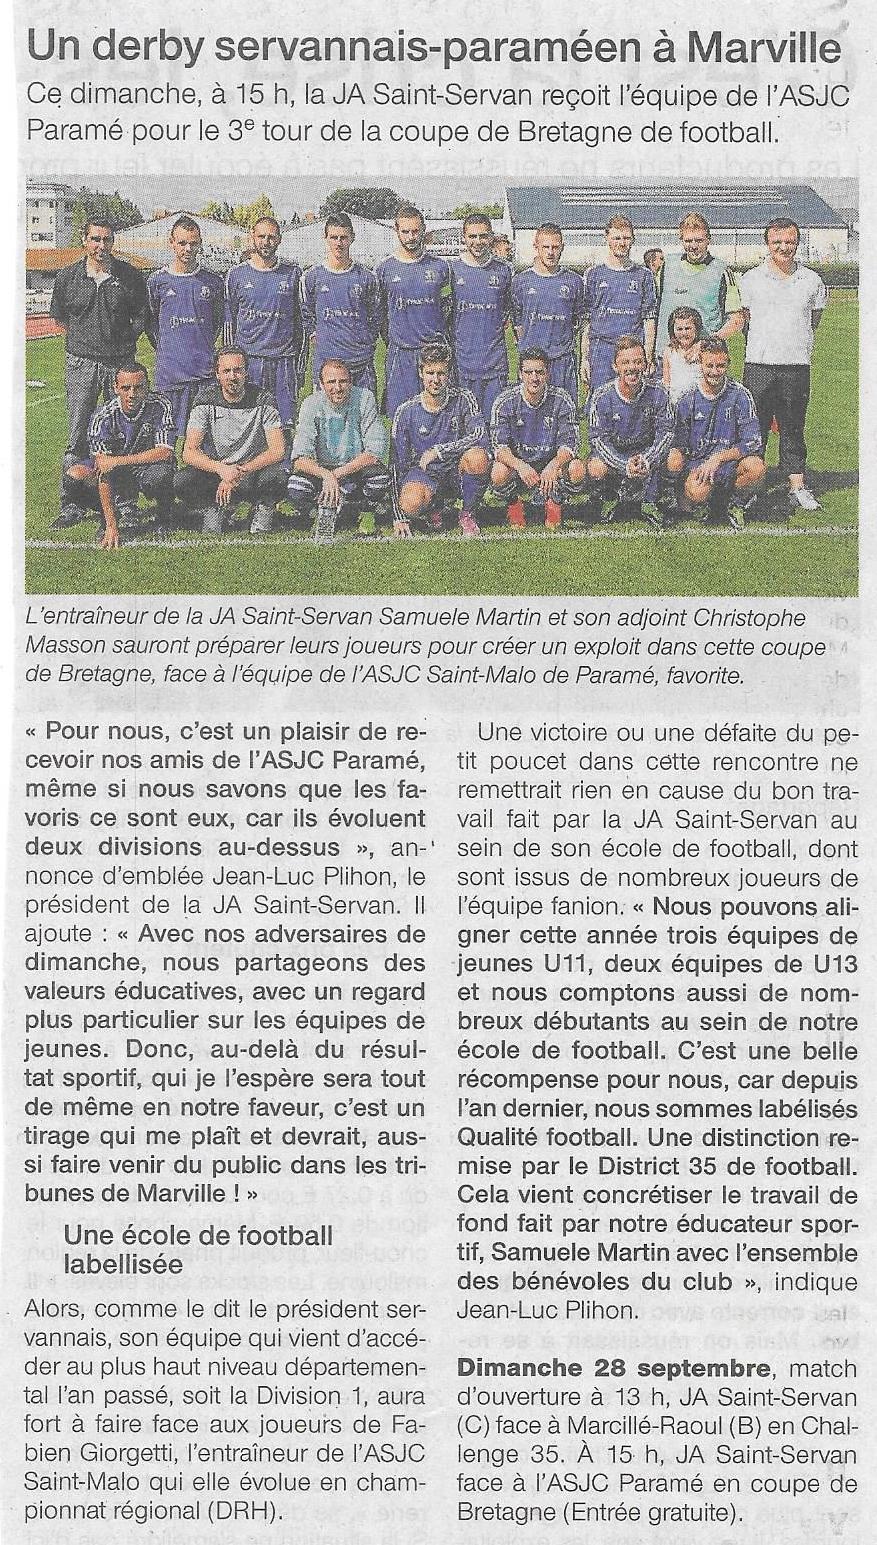 Match coupe de Bretagne